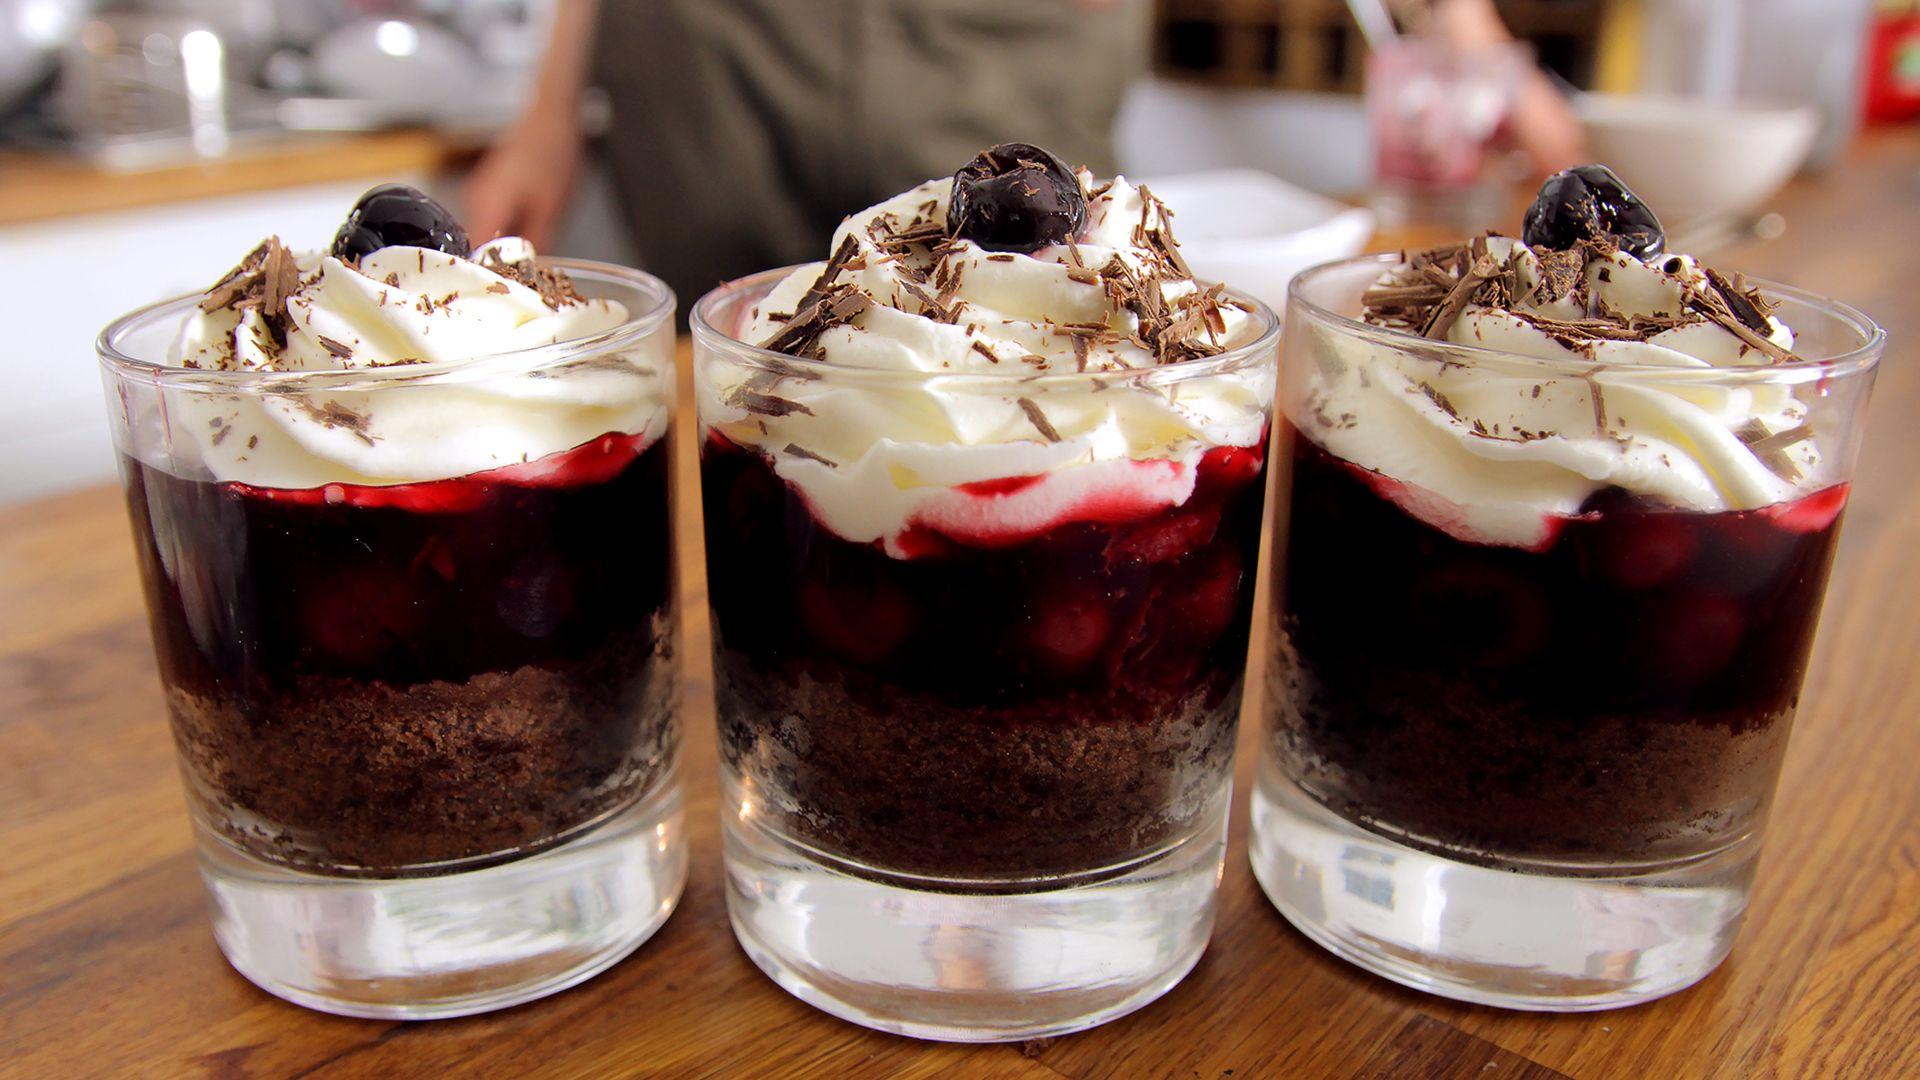 Schwarzwälder Kirschtorte im Glas Rezept als Back-Video zum selber machen! Ganz einfach Schritt für Schritt erklärt!